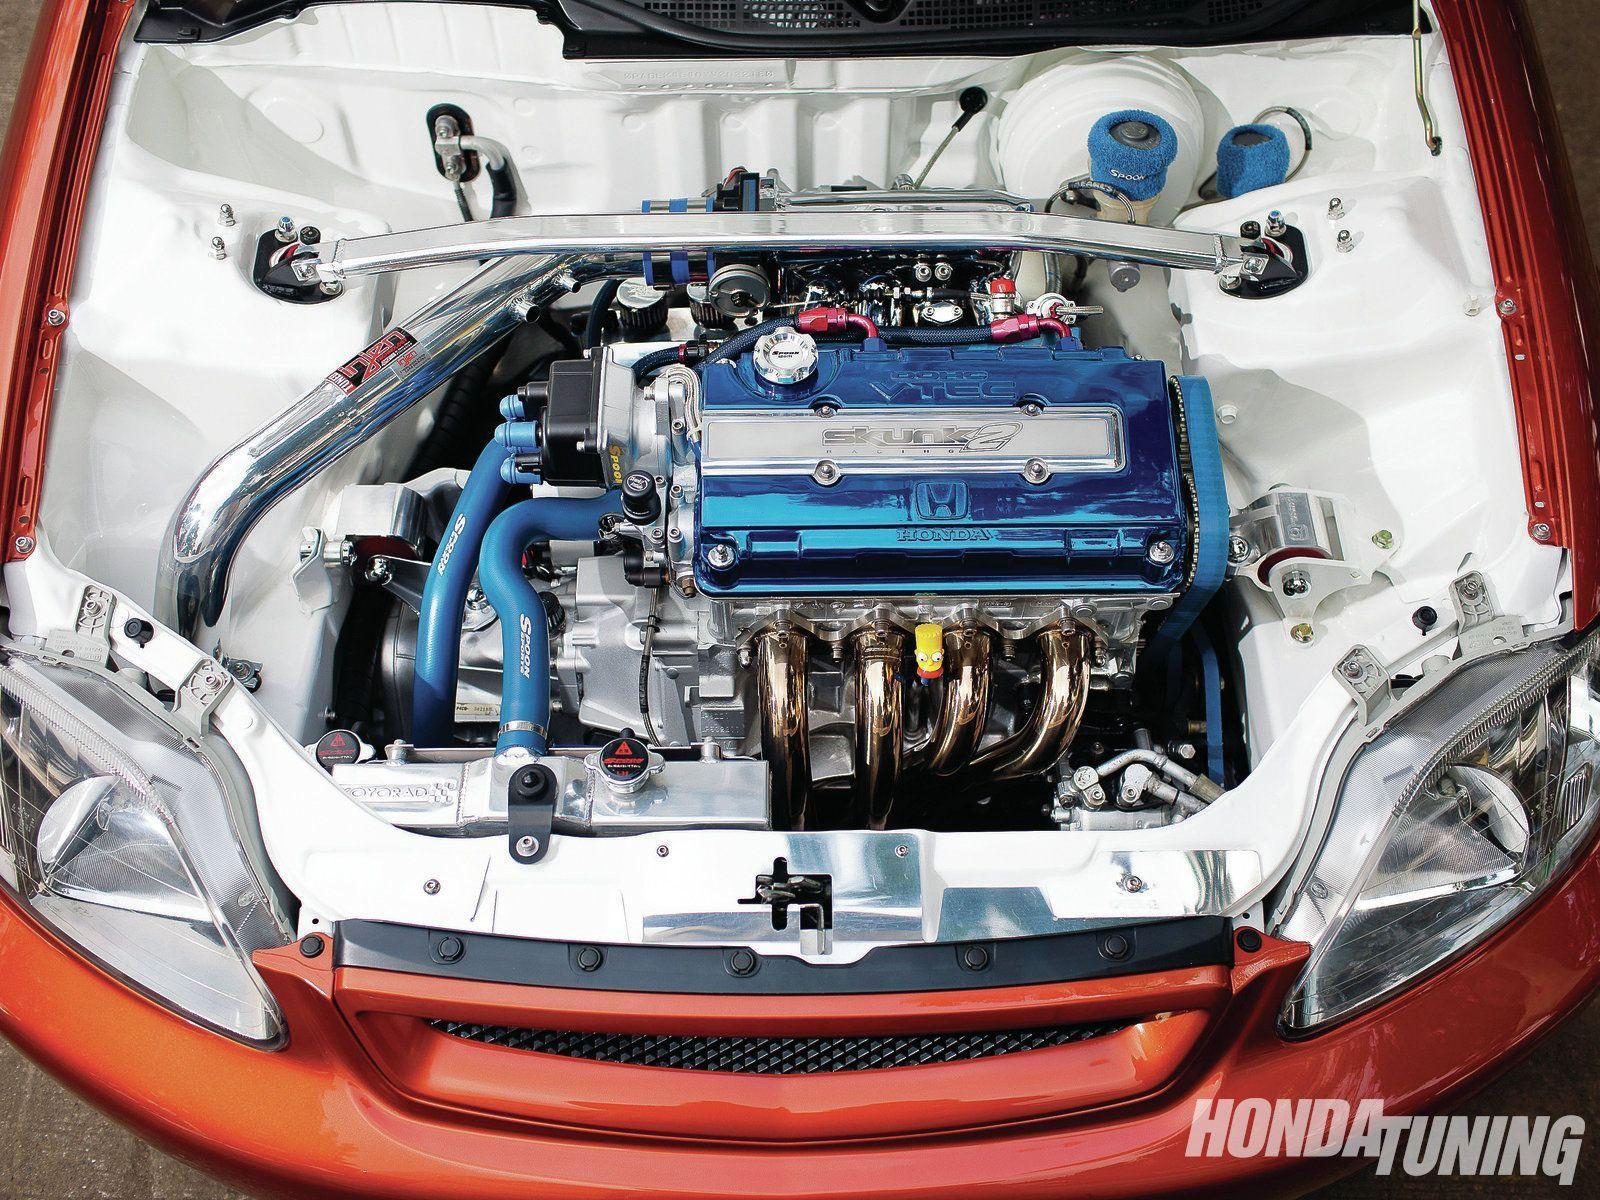 Htup 1208 16 o2000 honda civic sedanB16A engine 2000 honda 1600x1200